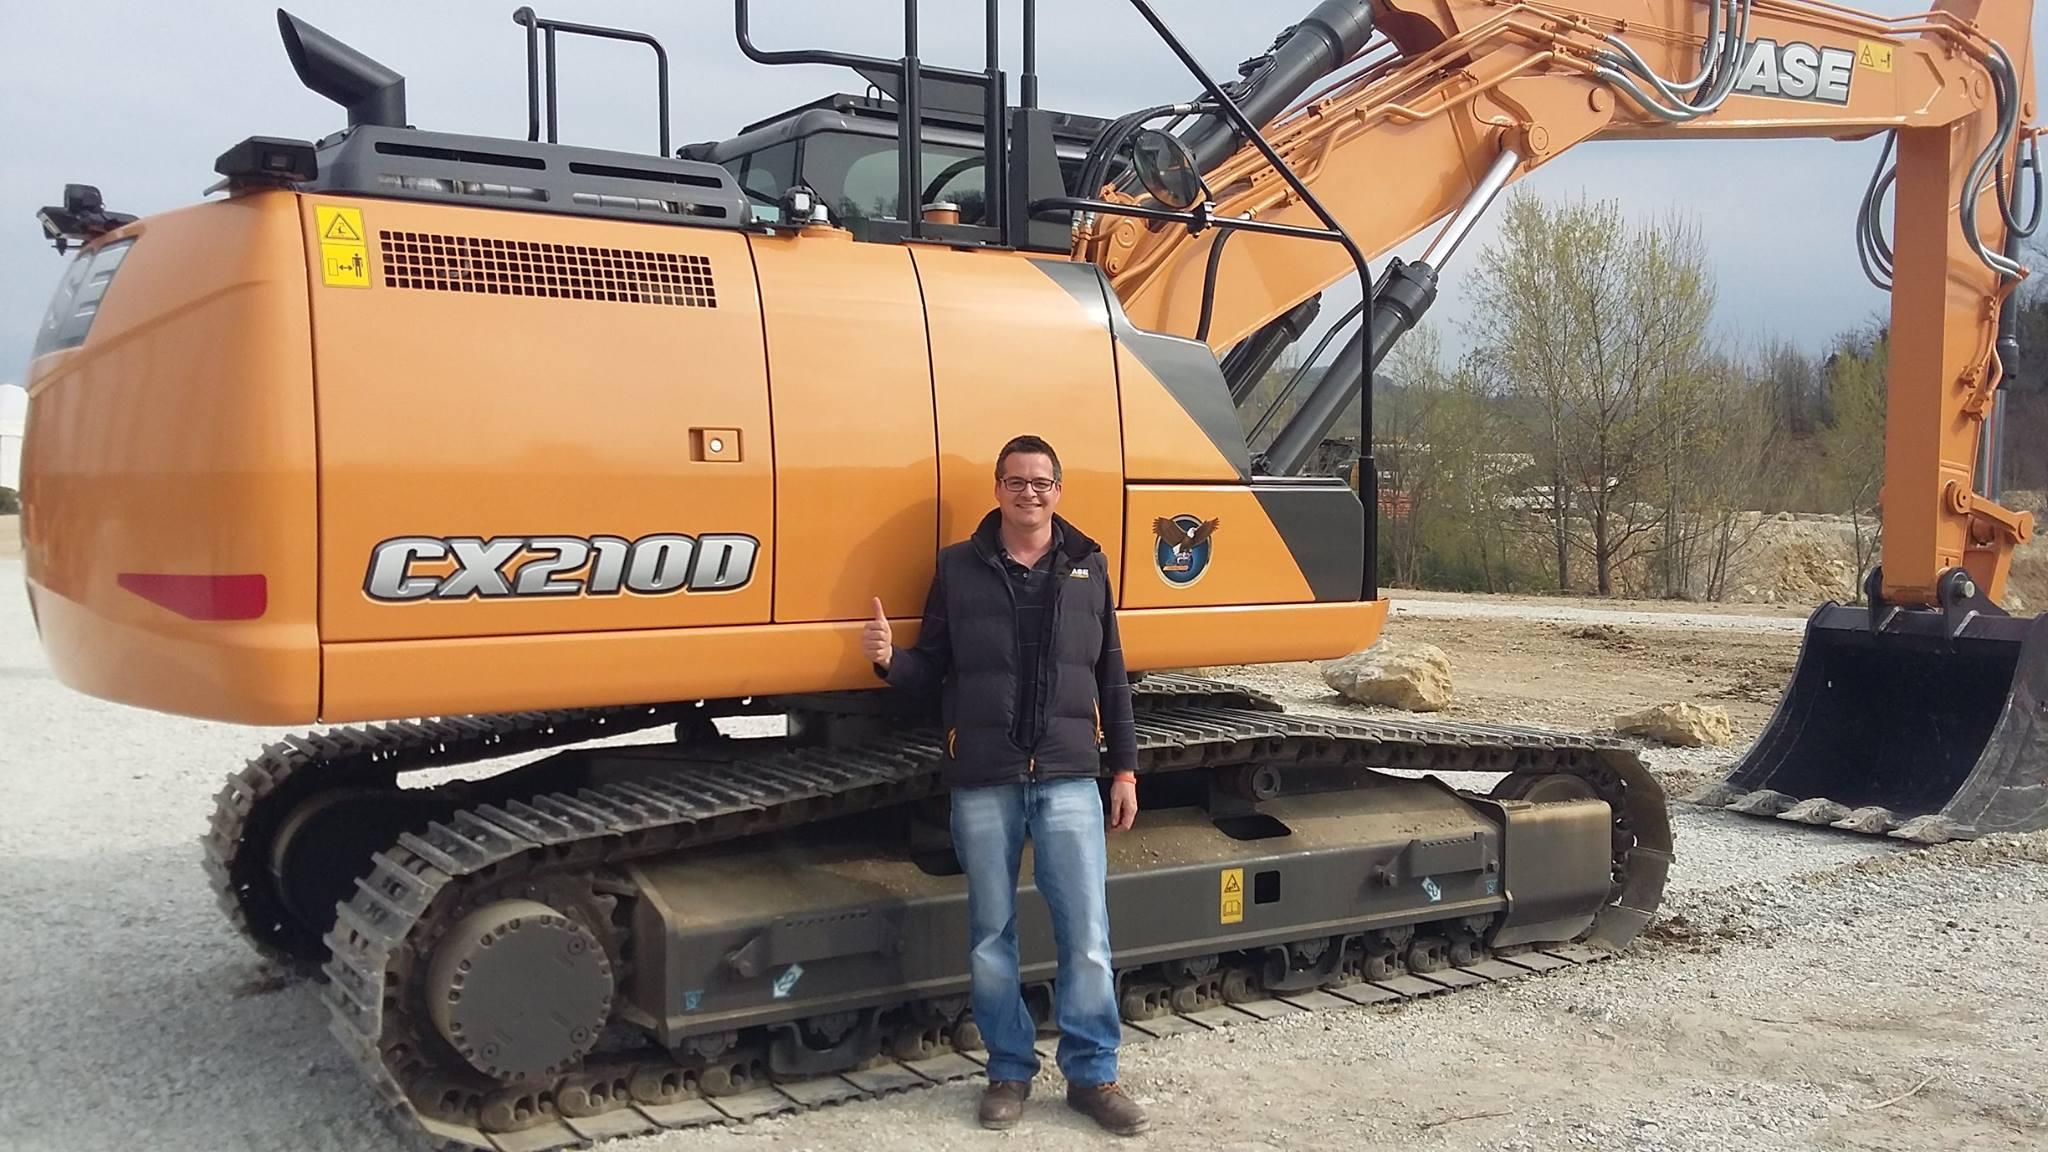 Un CASE CX145D SR al lavoro a Bolzano escavatori gommati escavatori cingolati escavatori escavatore gommato escavatore cingolato escavatore CX145D SR Case